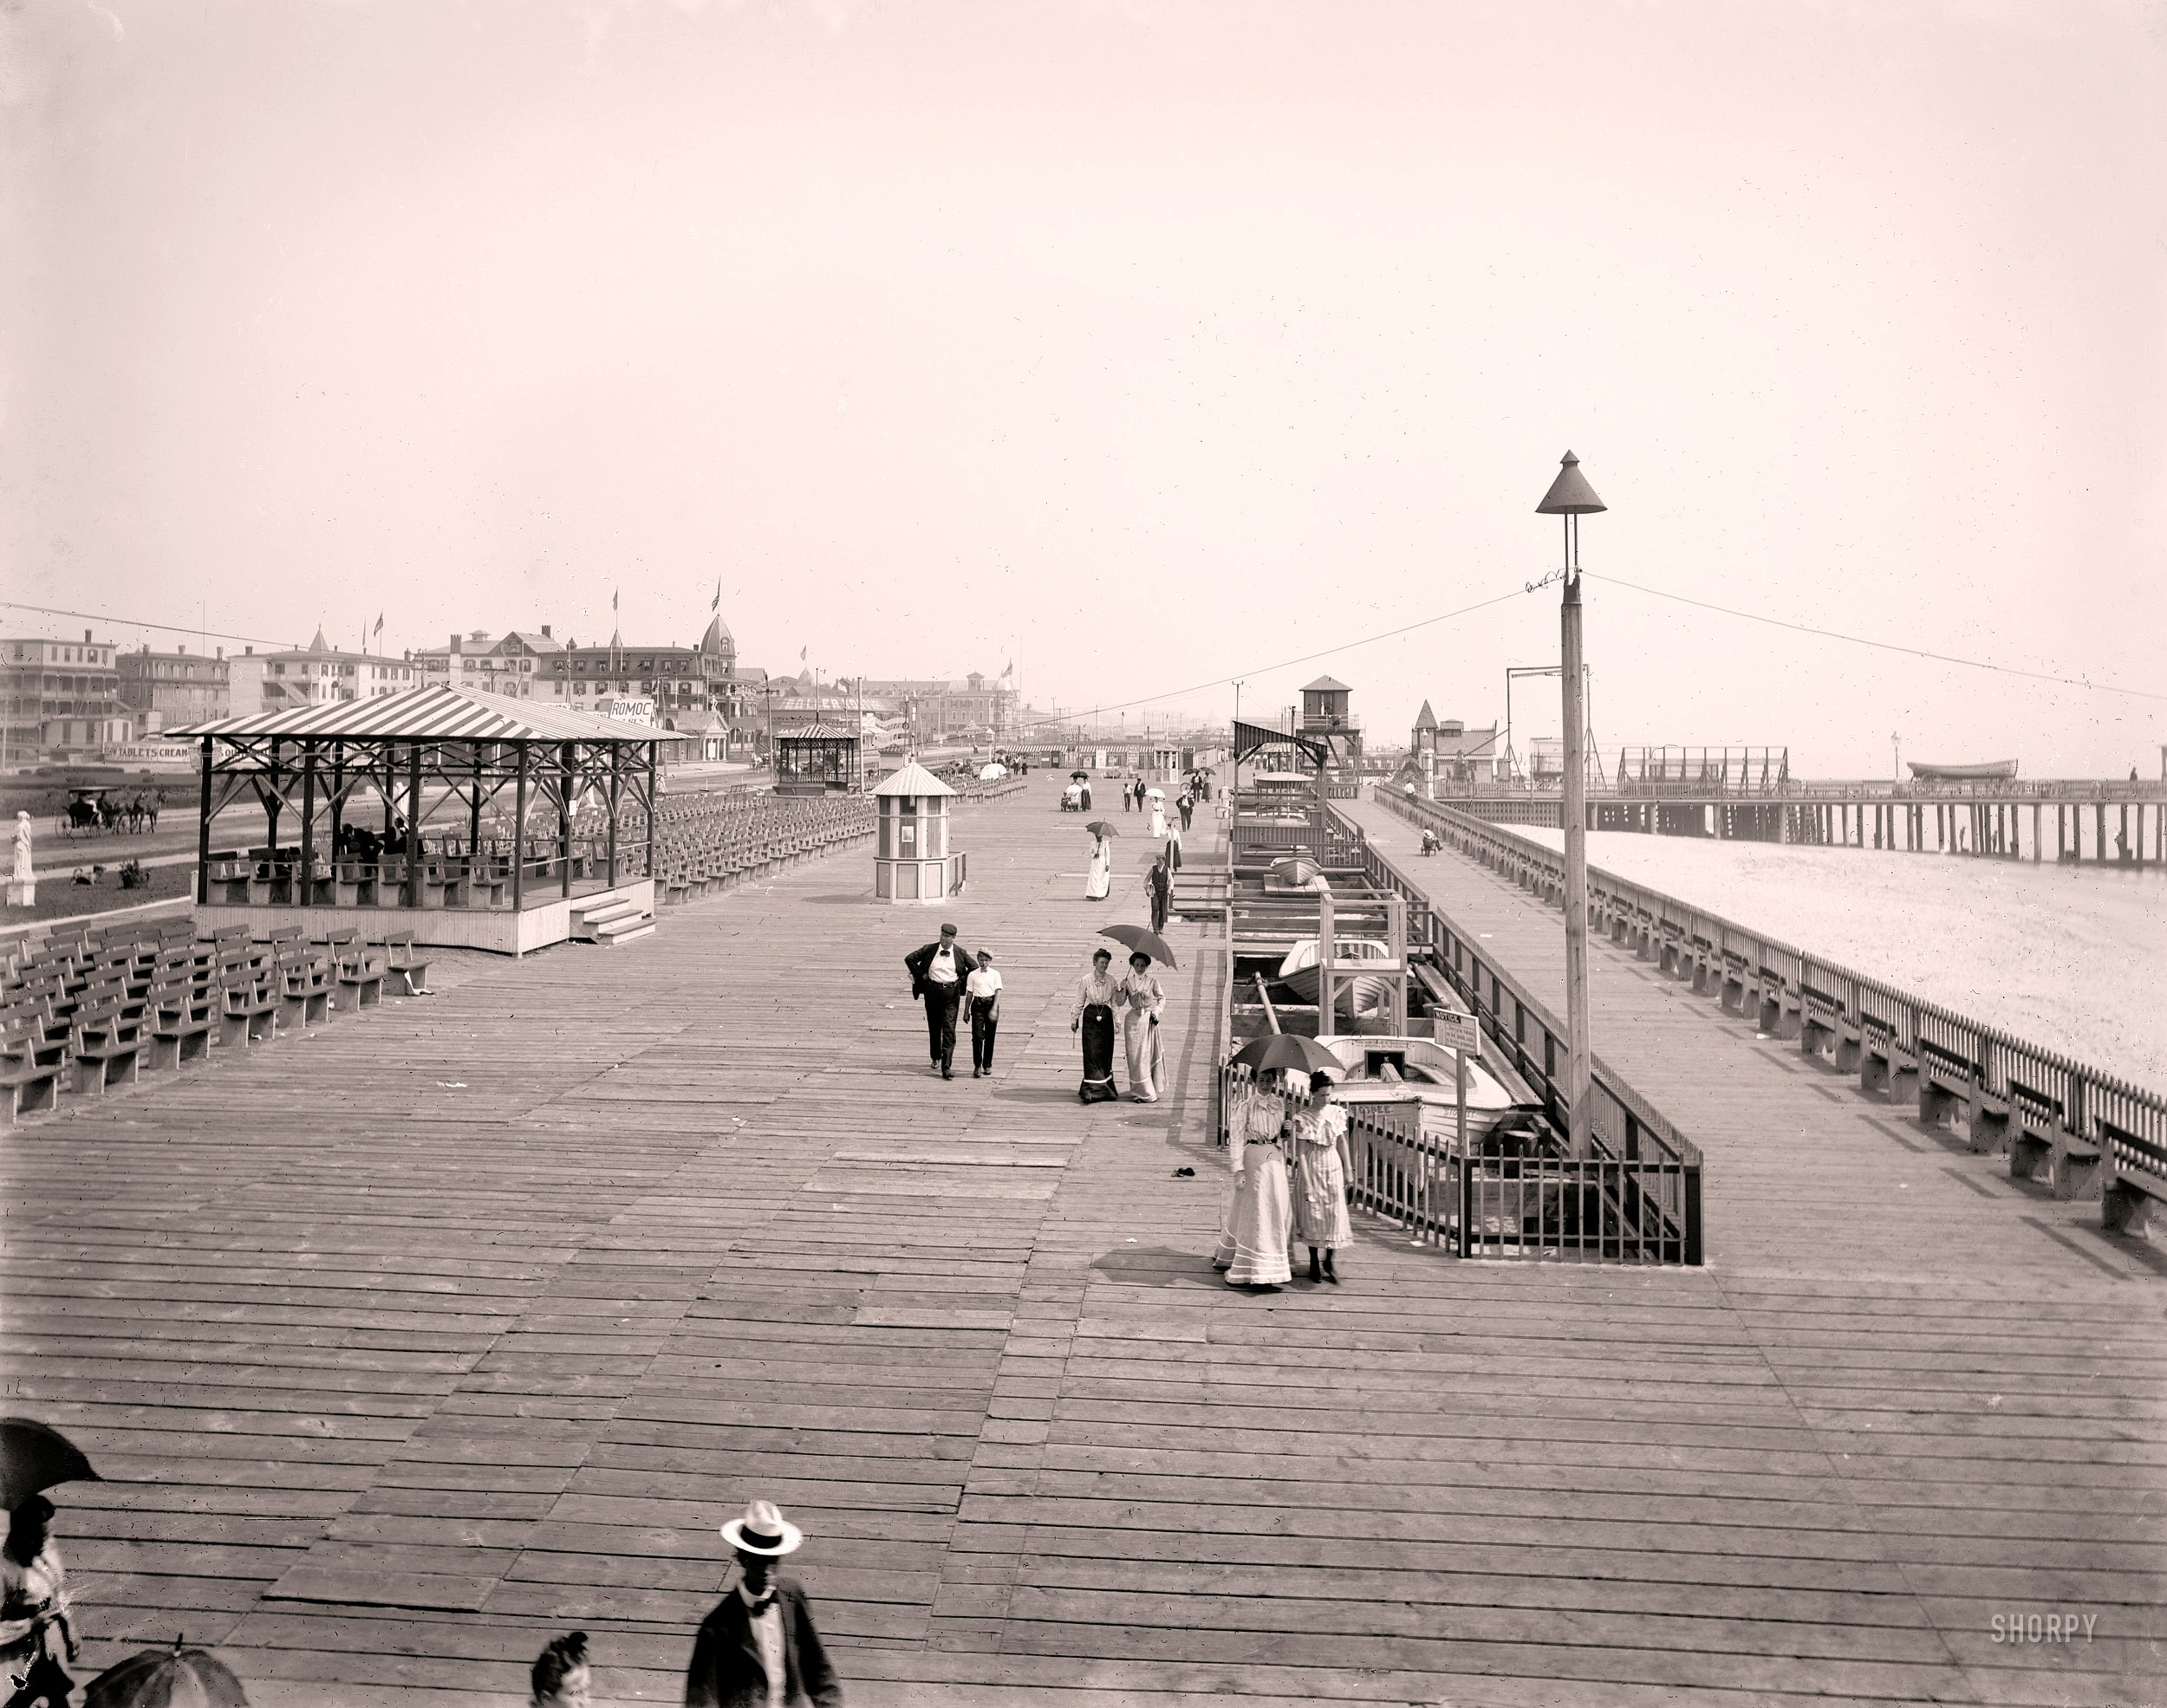 Boardwalk in Asbury park